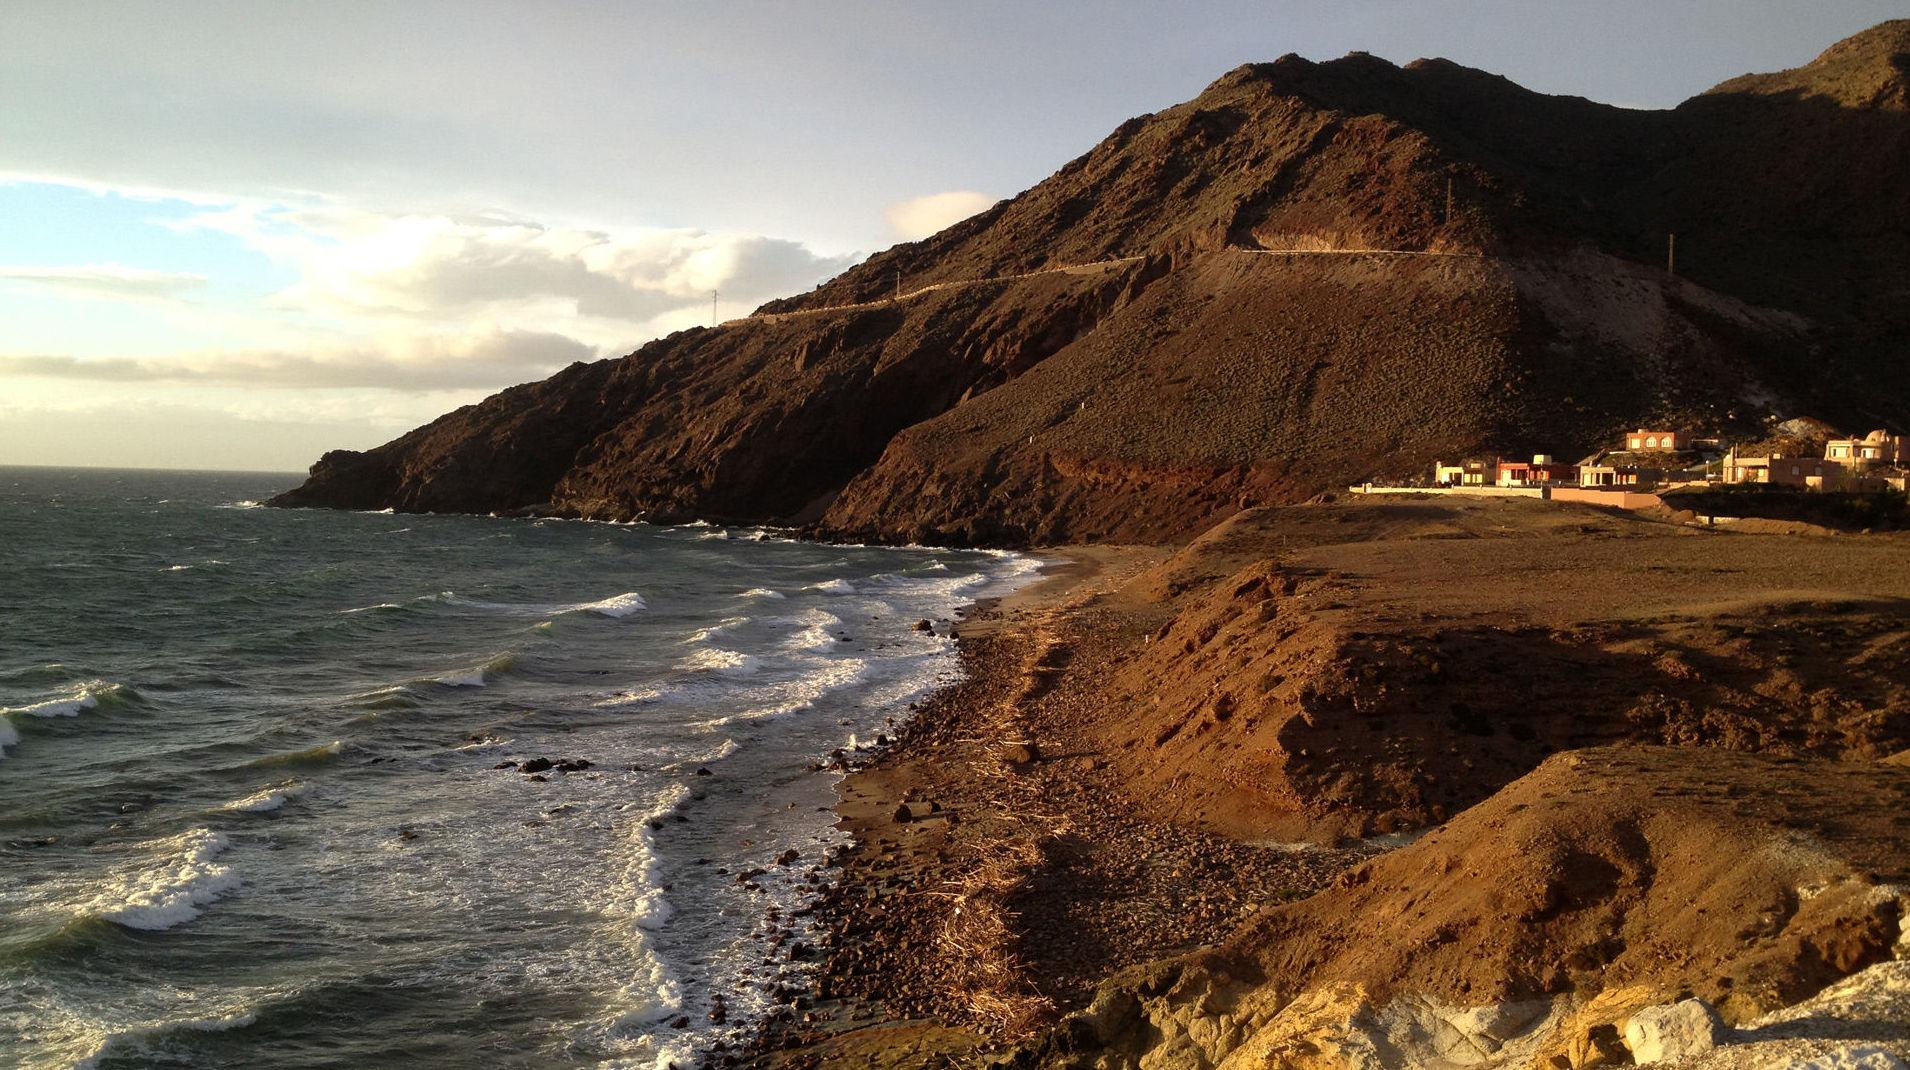 Salidas de senderismo en el Parque Natural Cabo de Gata - Níjar